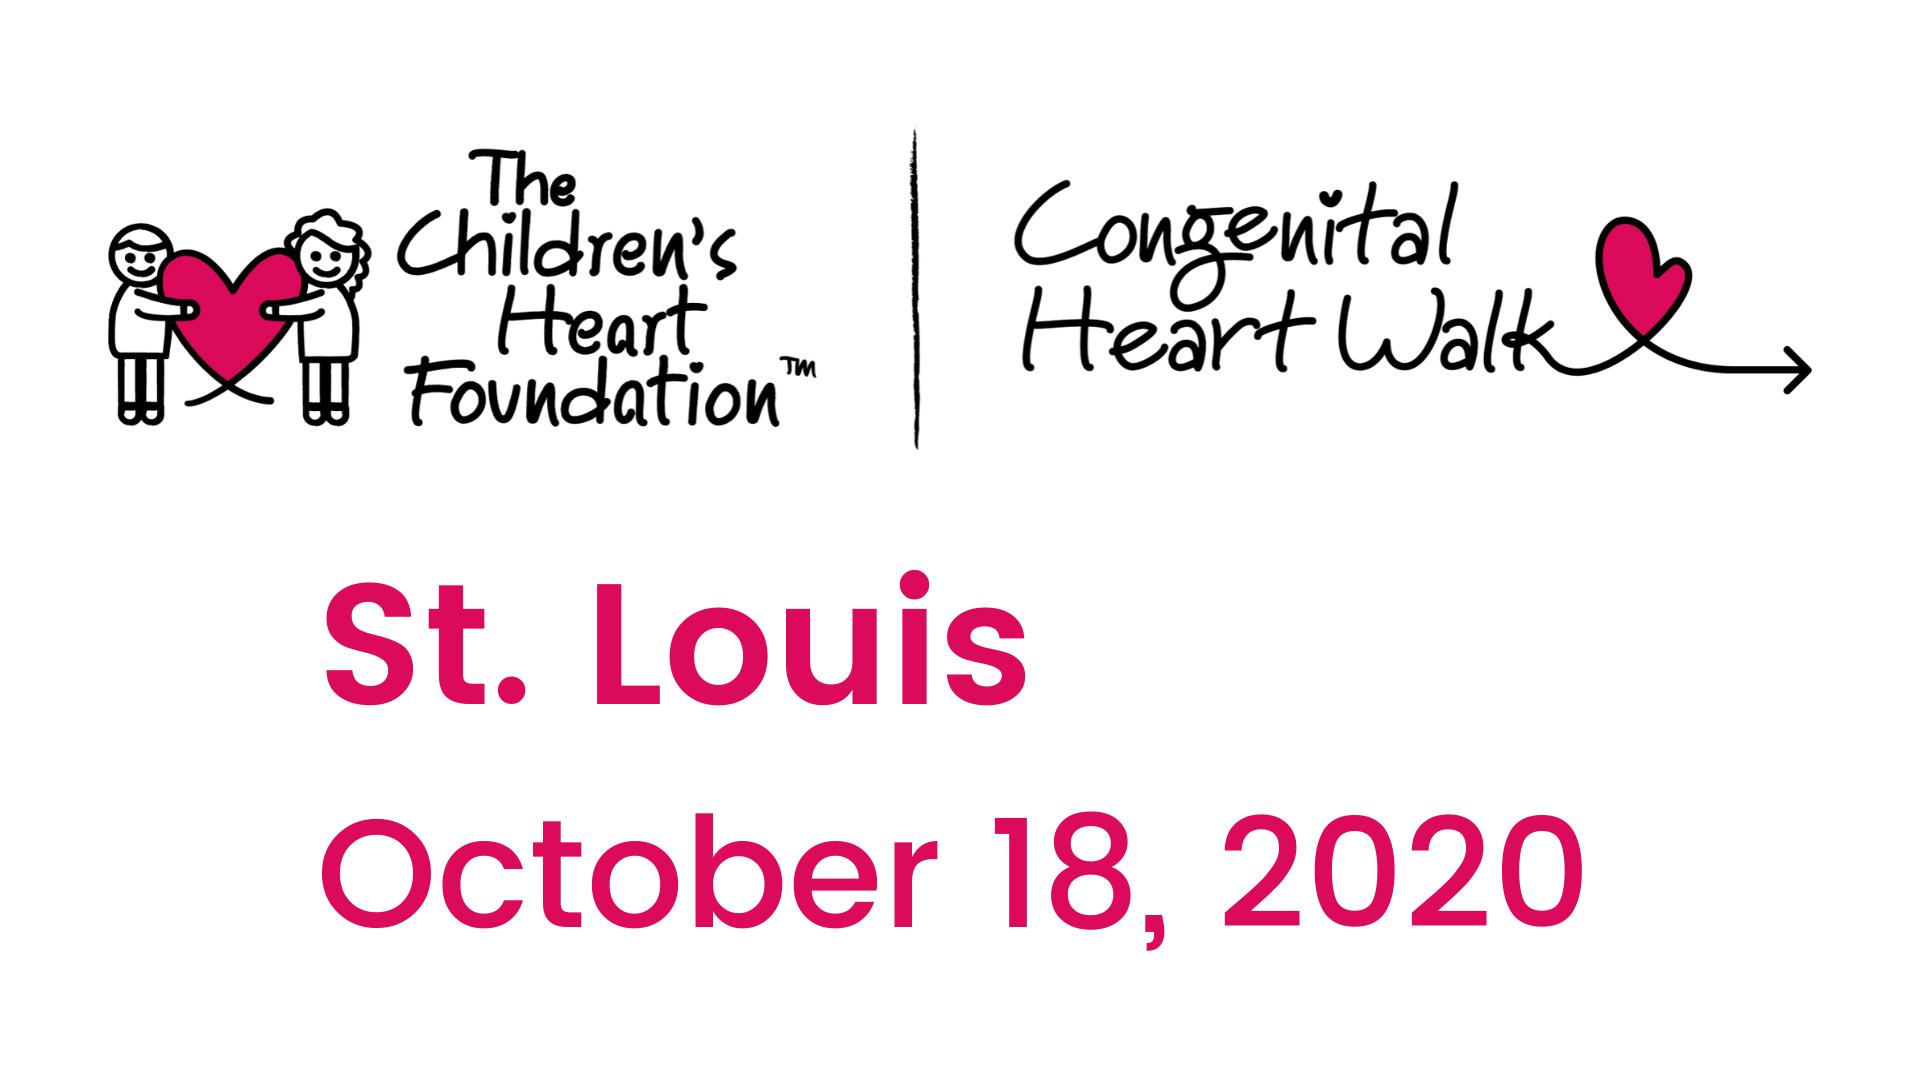 St. Louis Congenital Heart Walk